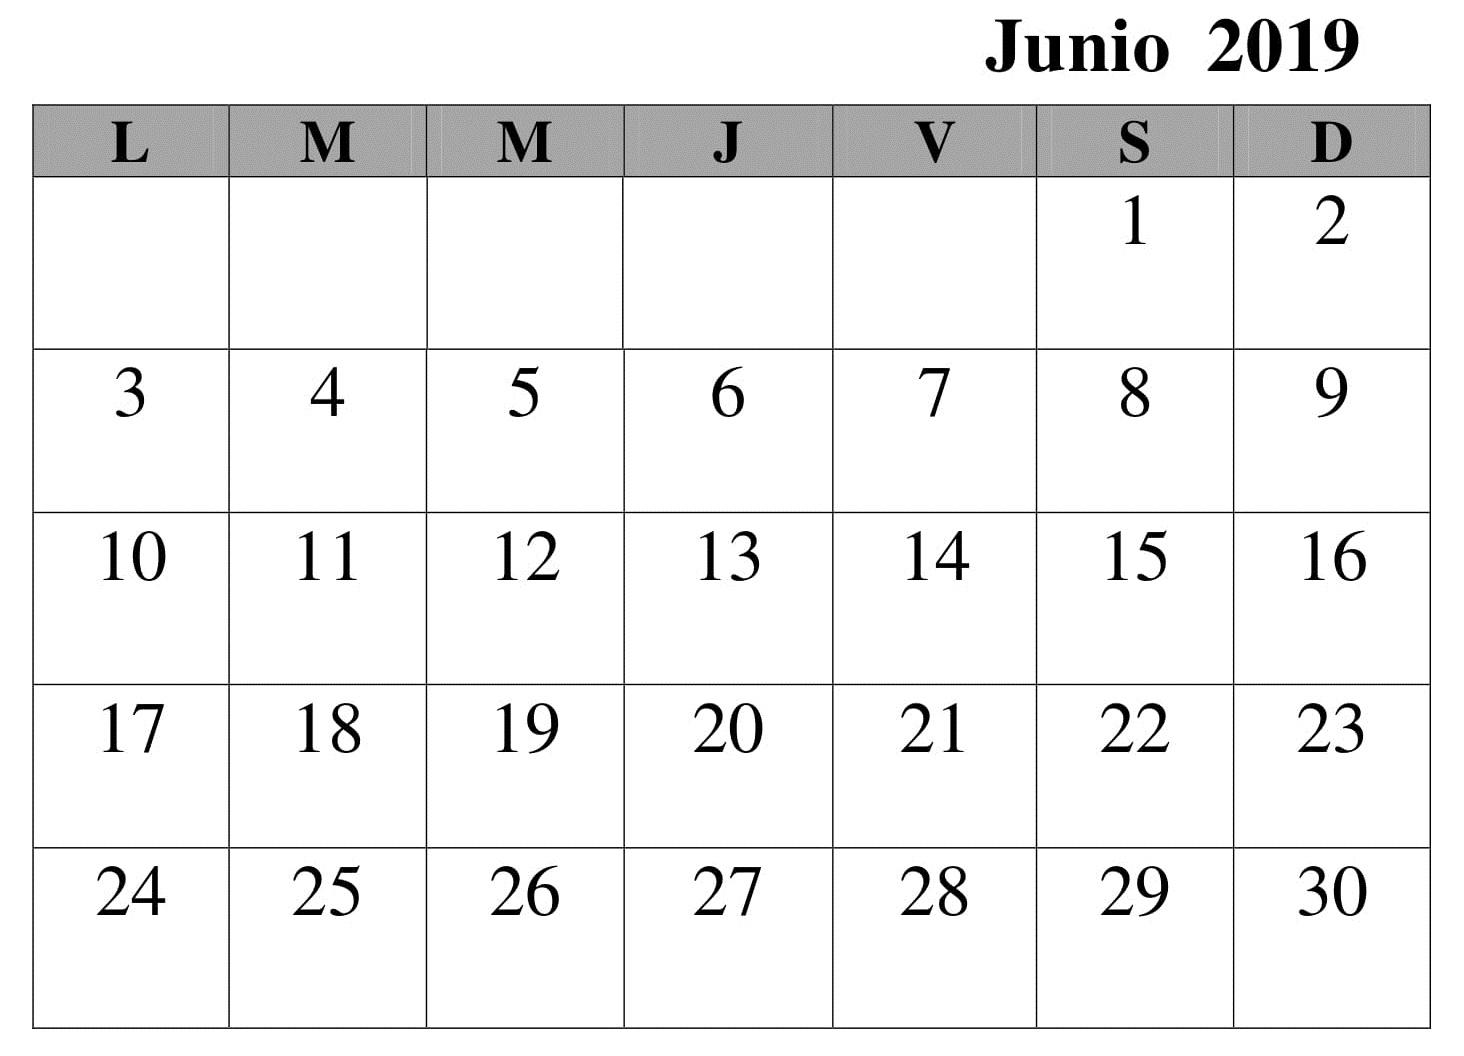 Junio Calendario Mes 2019 Para Imprimir